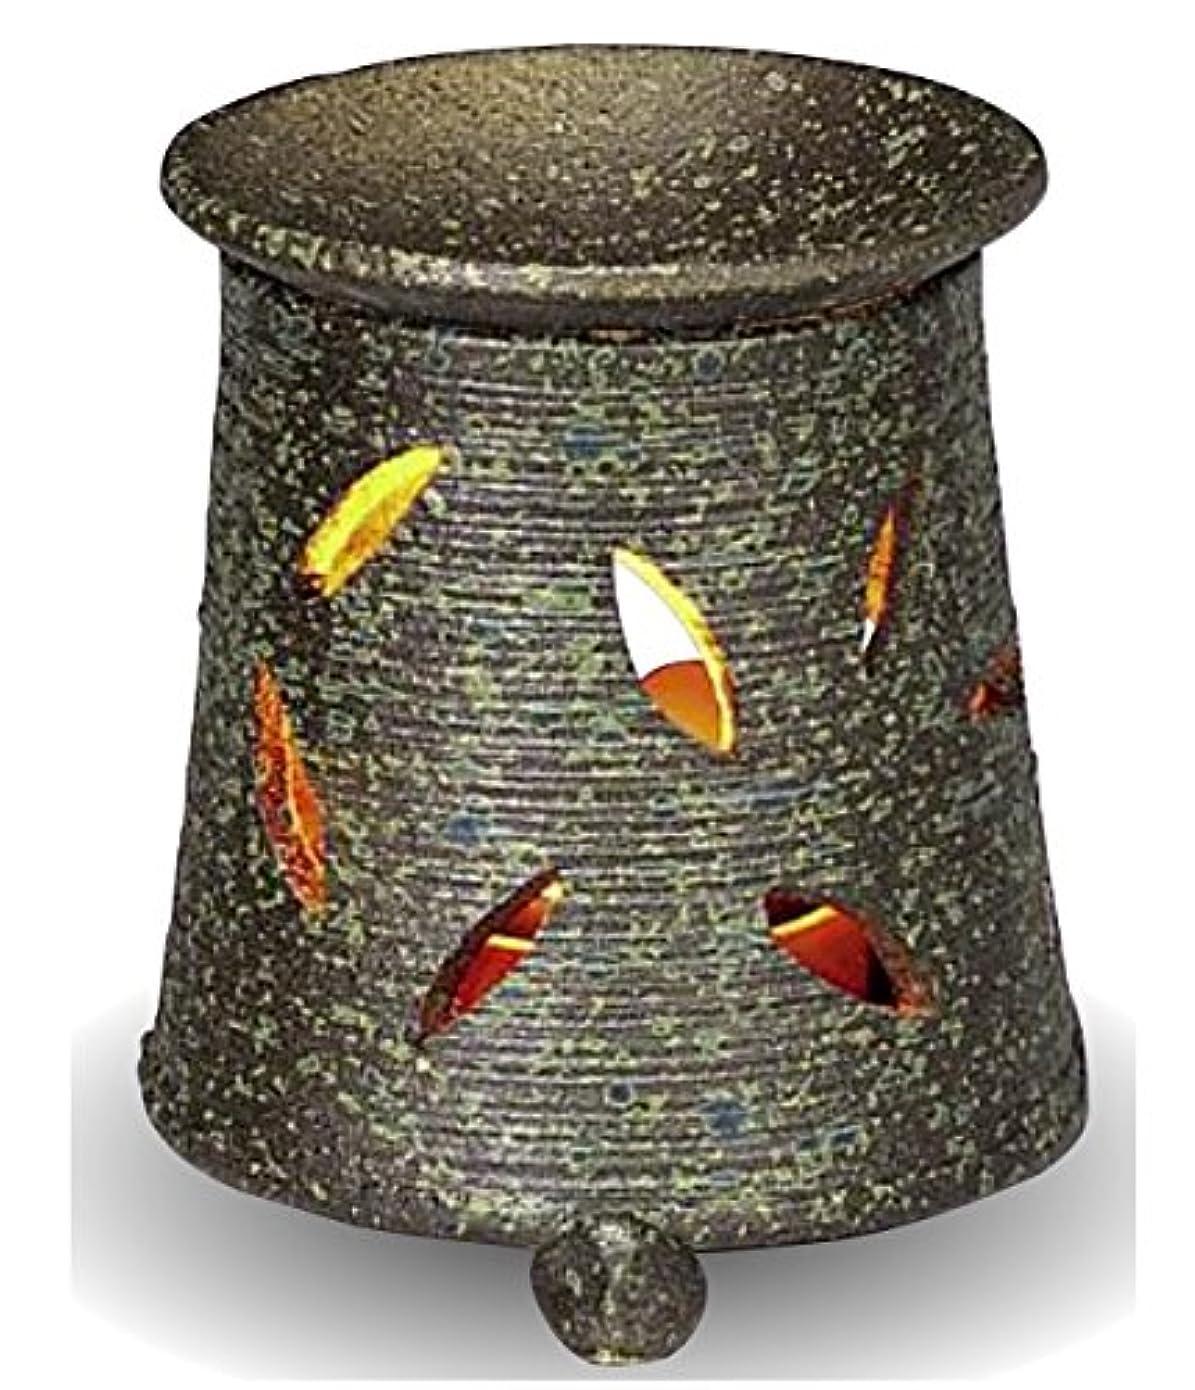 暴露説得力のある協会常滑焼 茶香炉(アロマポット)径9.5×高さ10.5cm